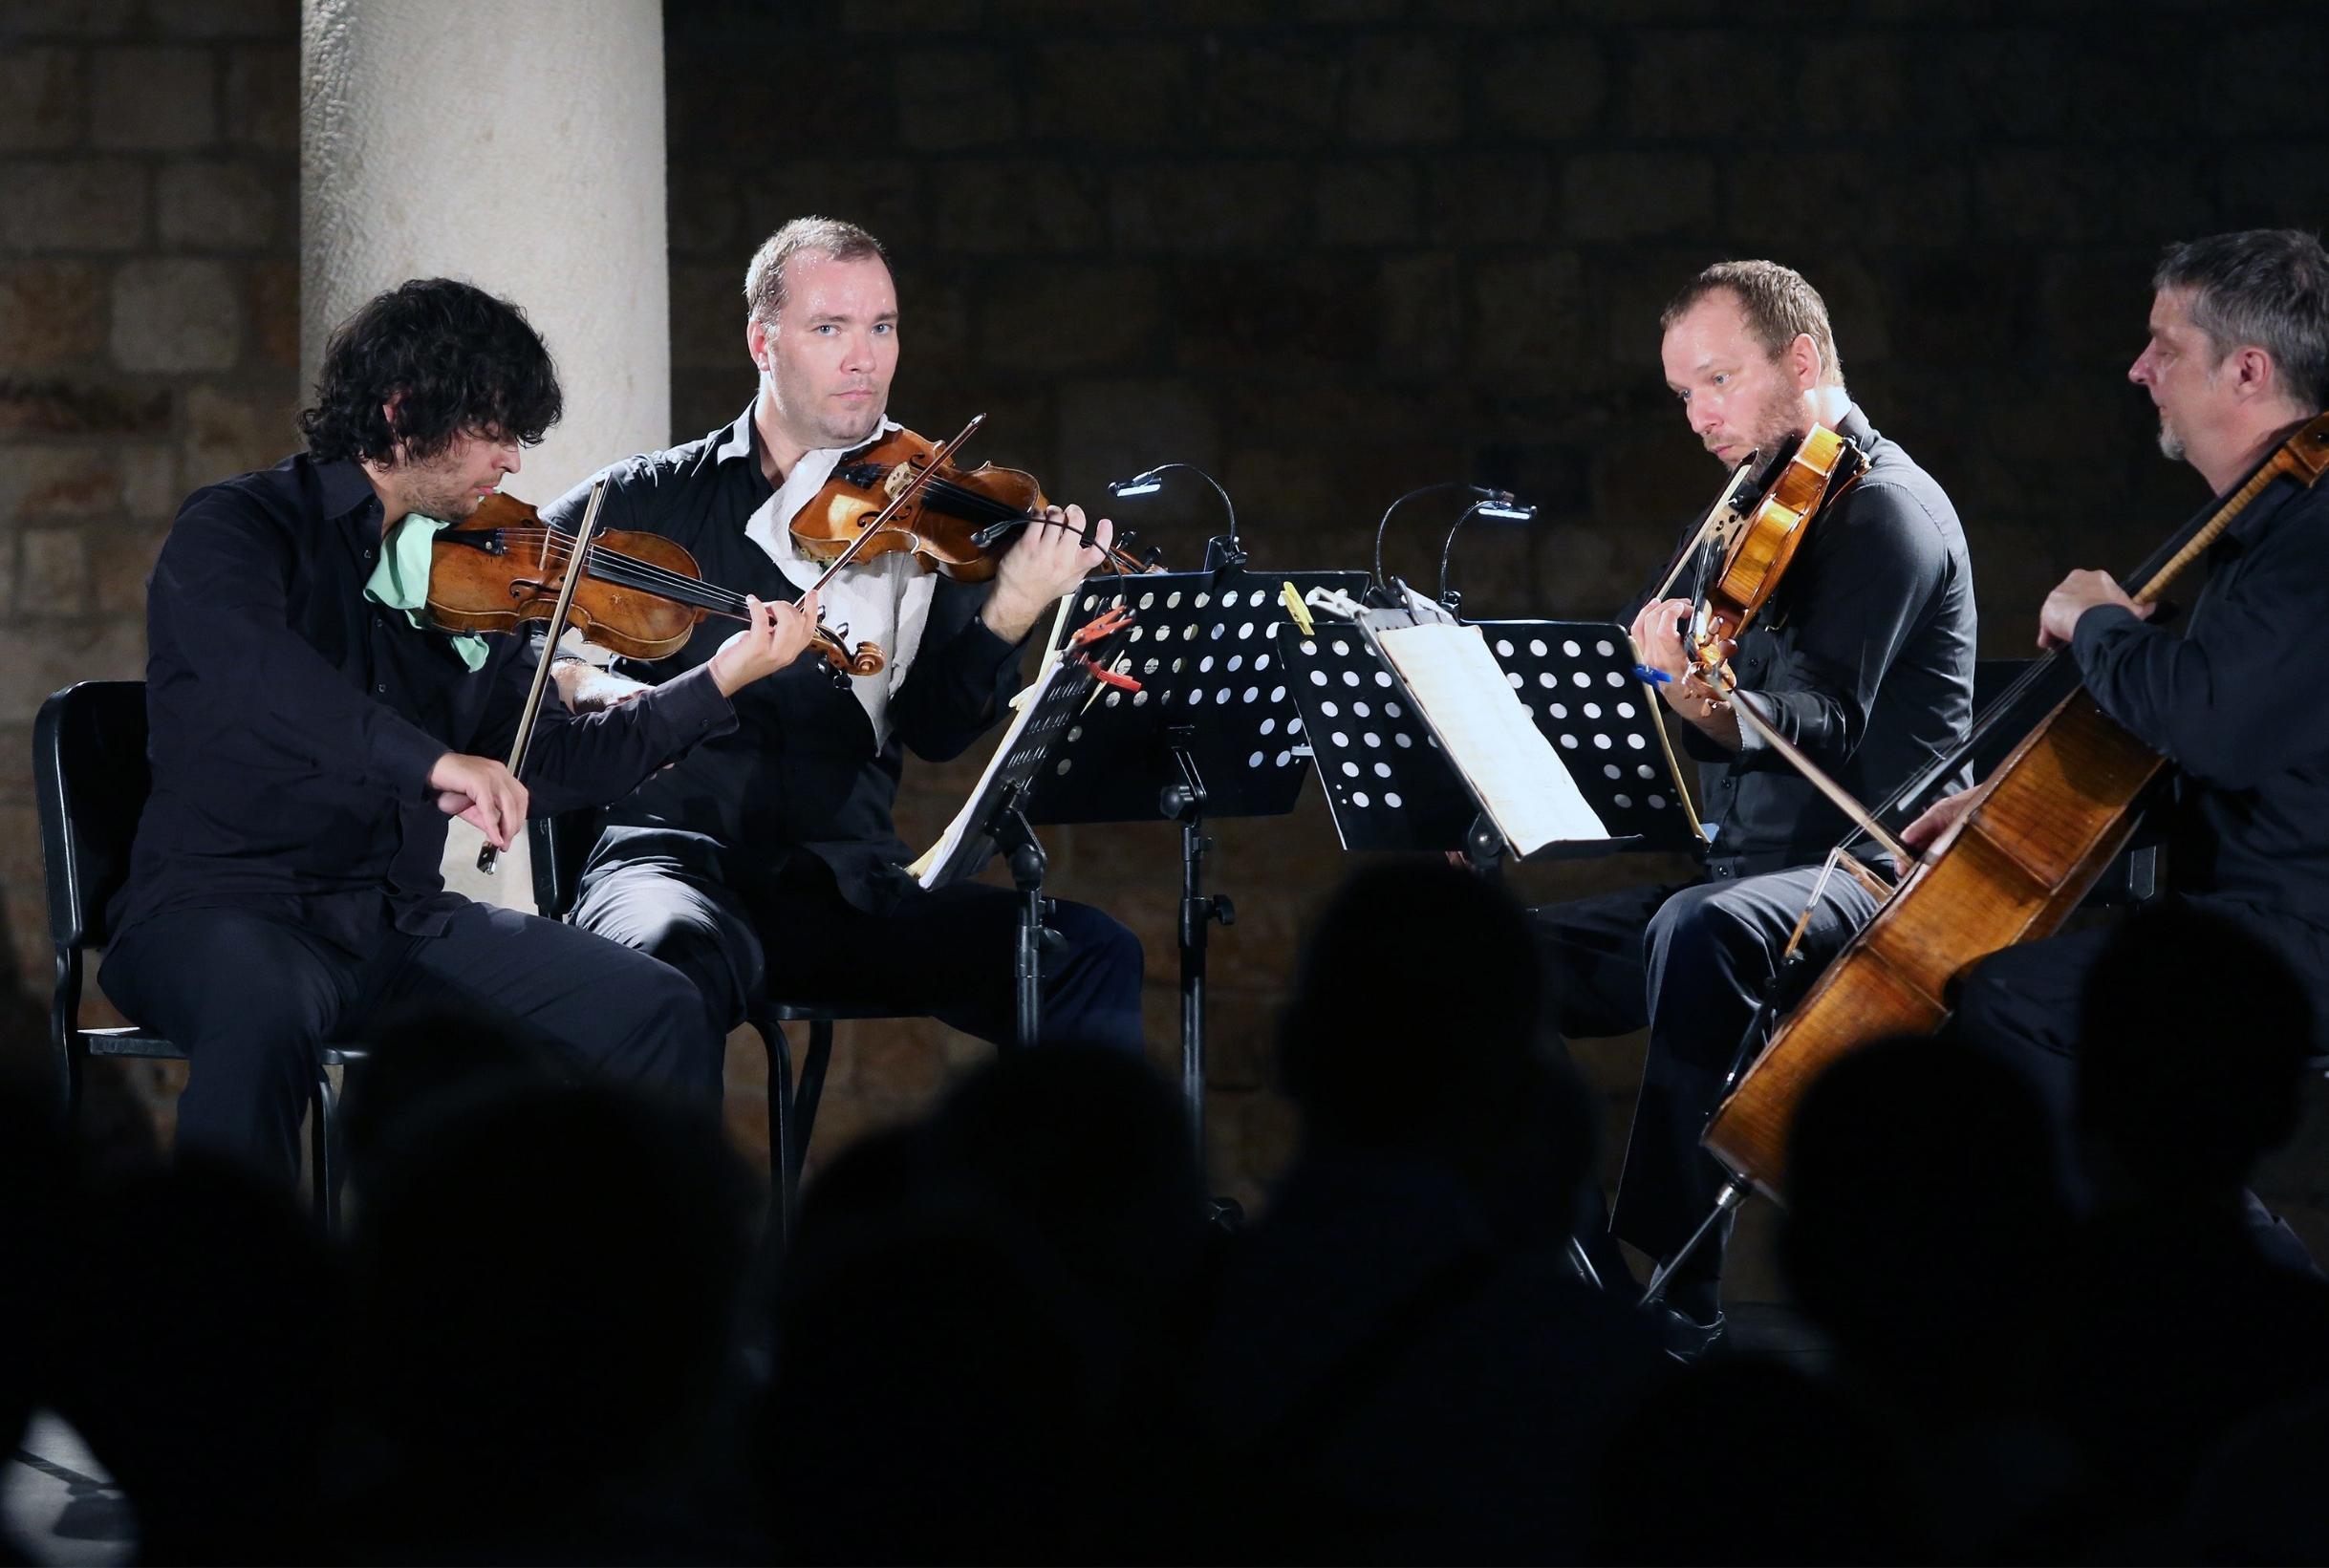 Zagrebački kvartet, arhivska fotografija